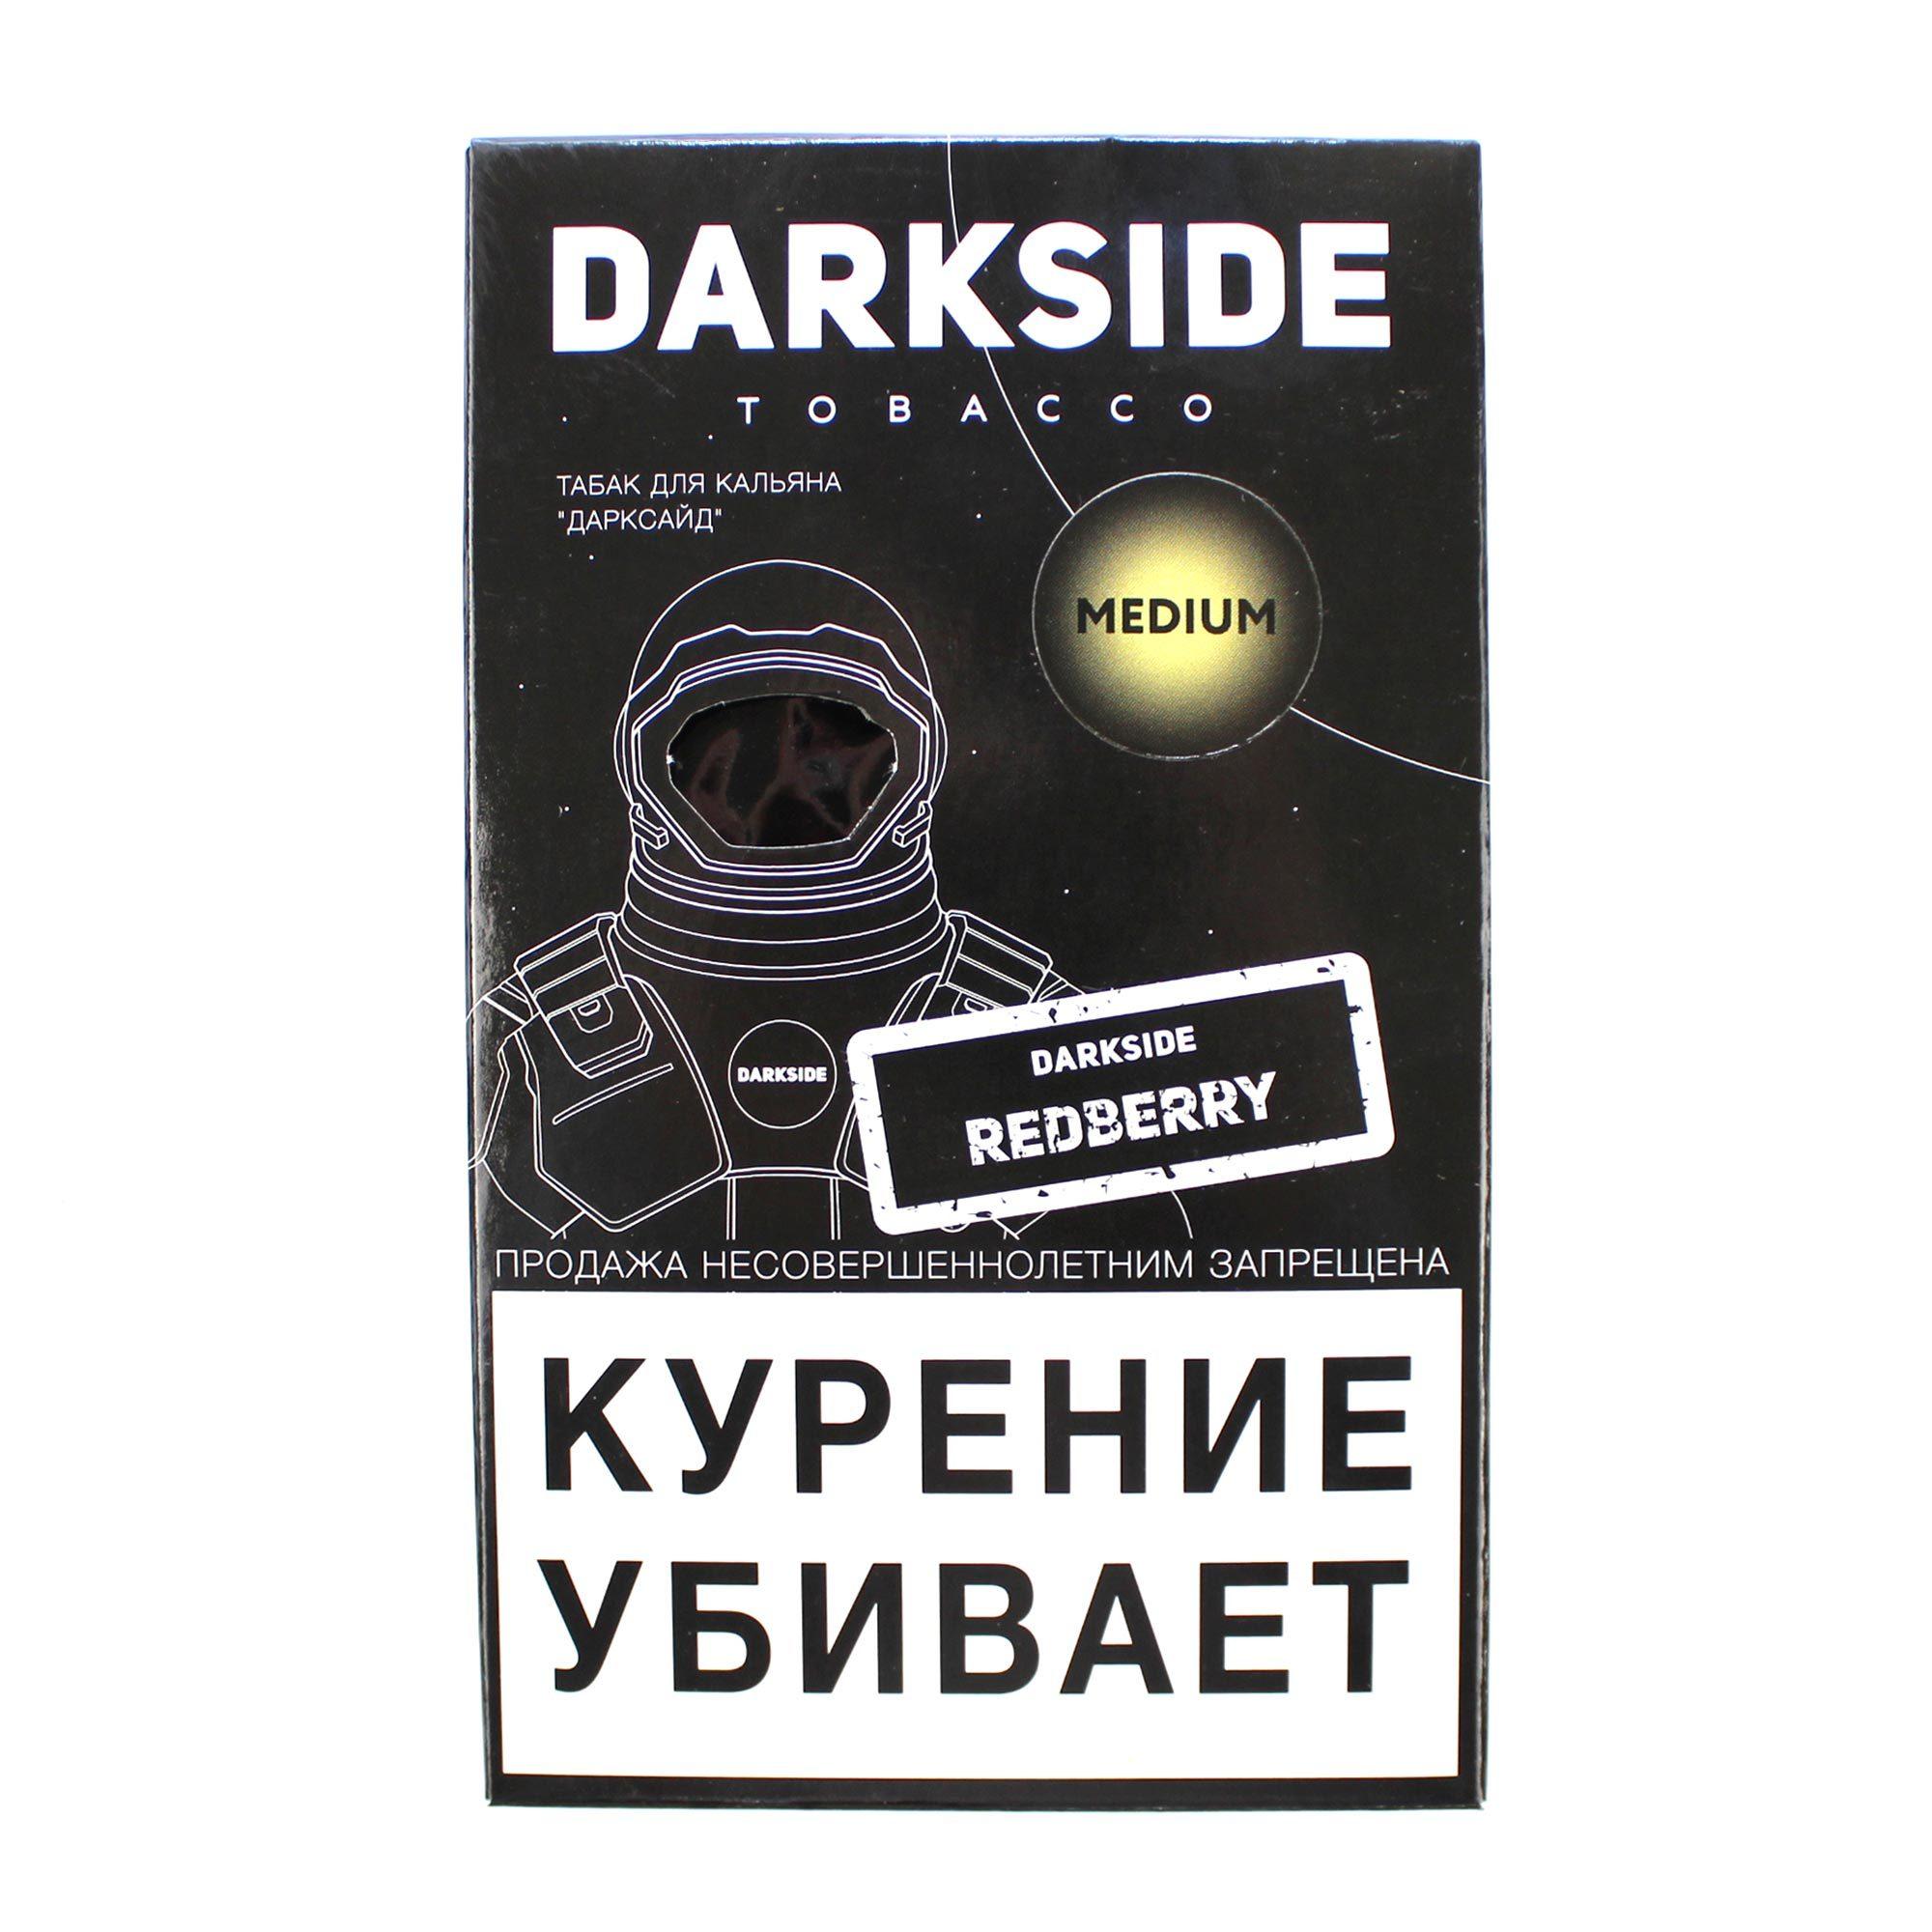 Табак для кальяна Dark Side Medium 100 гр. Redberry